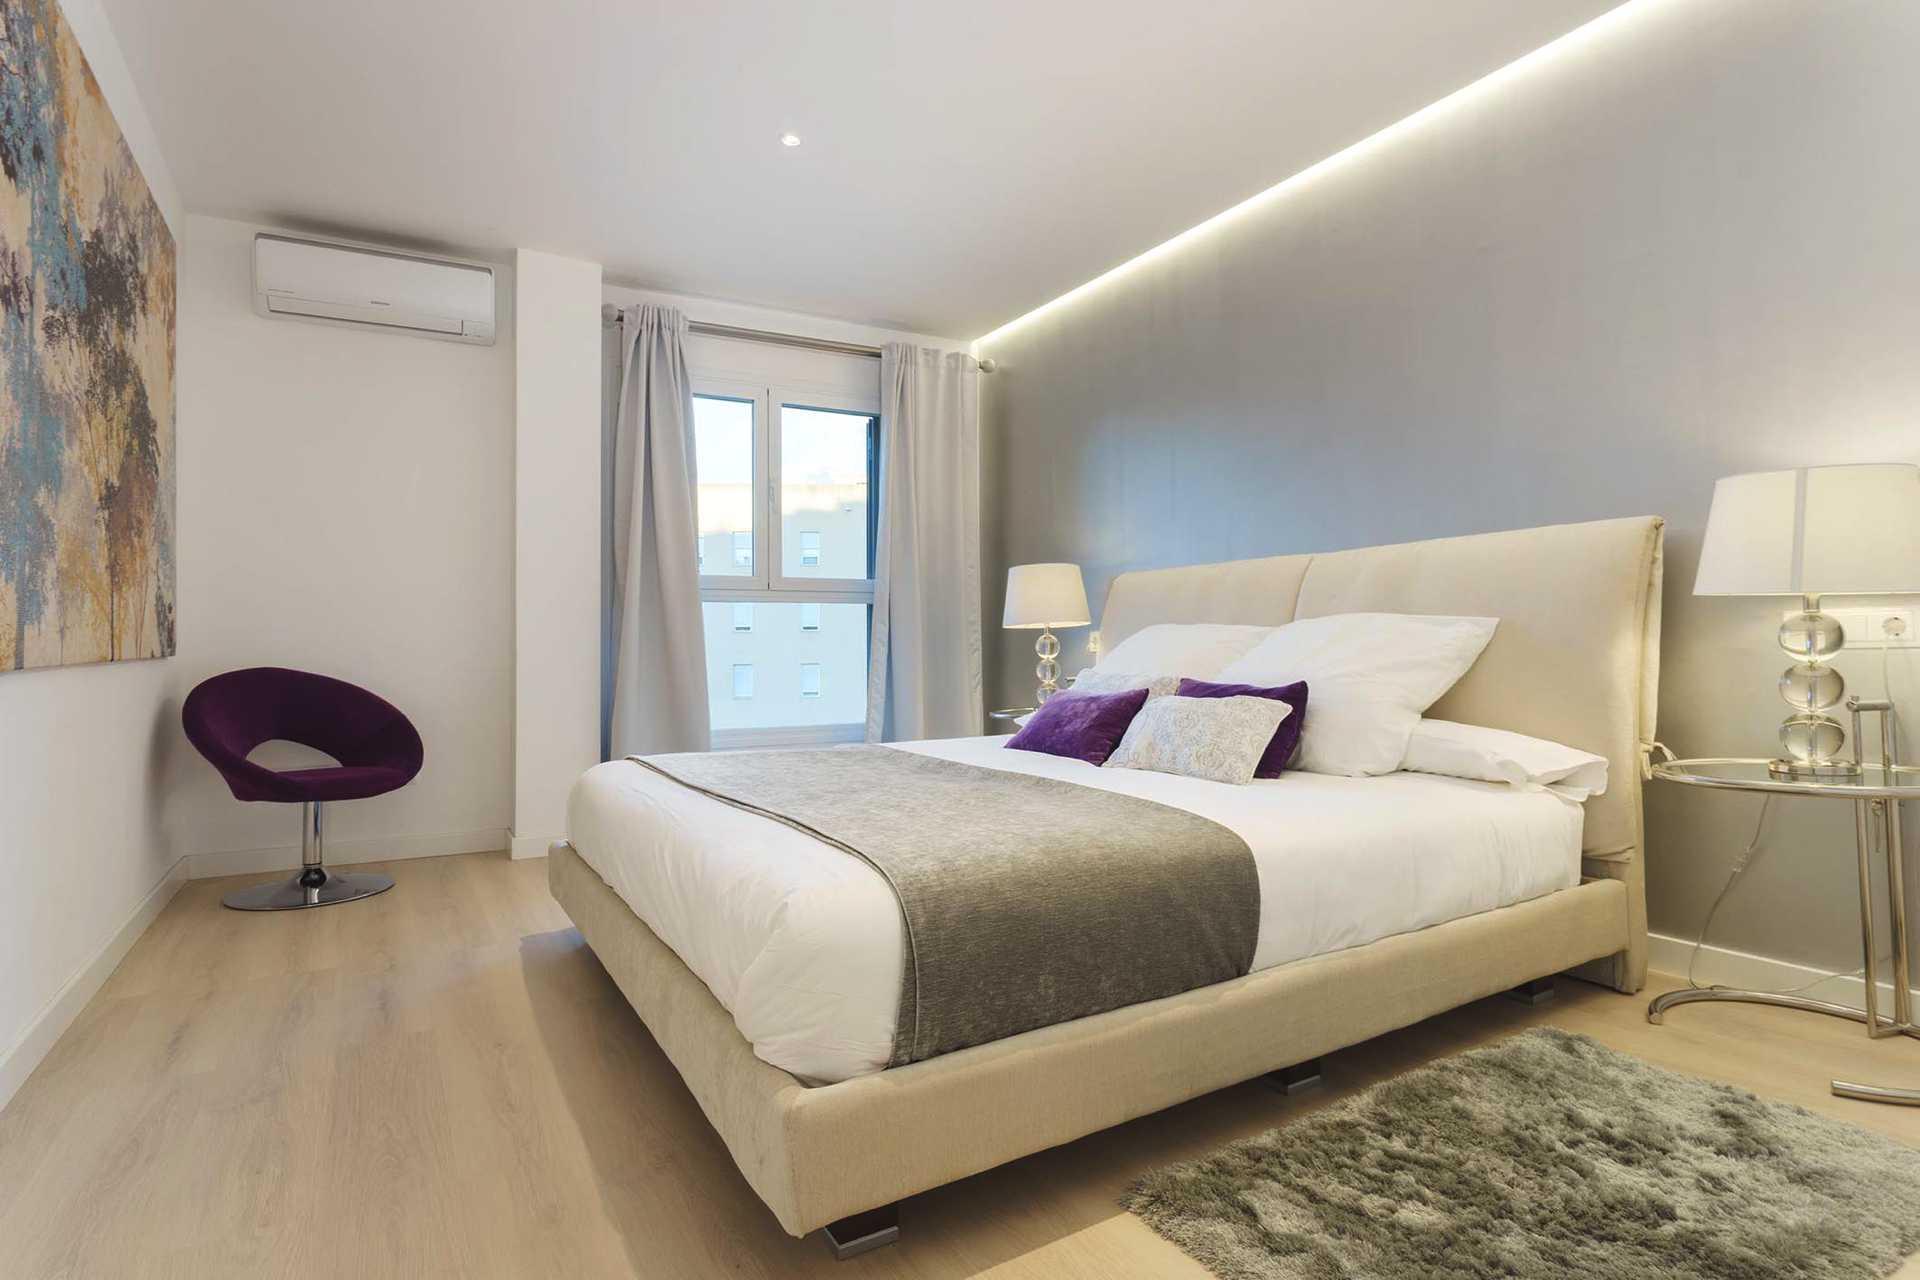 01-291 exclusive apartment Mallorca north Bild 22